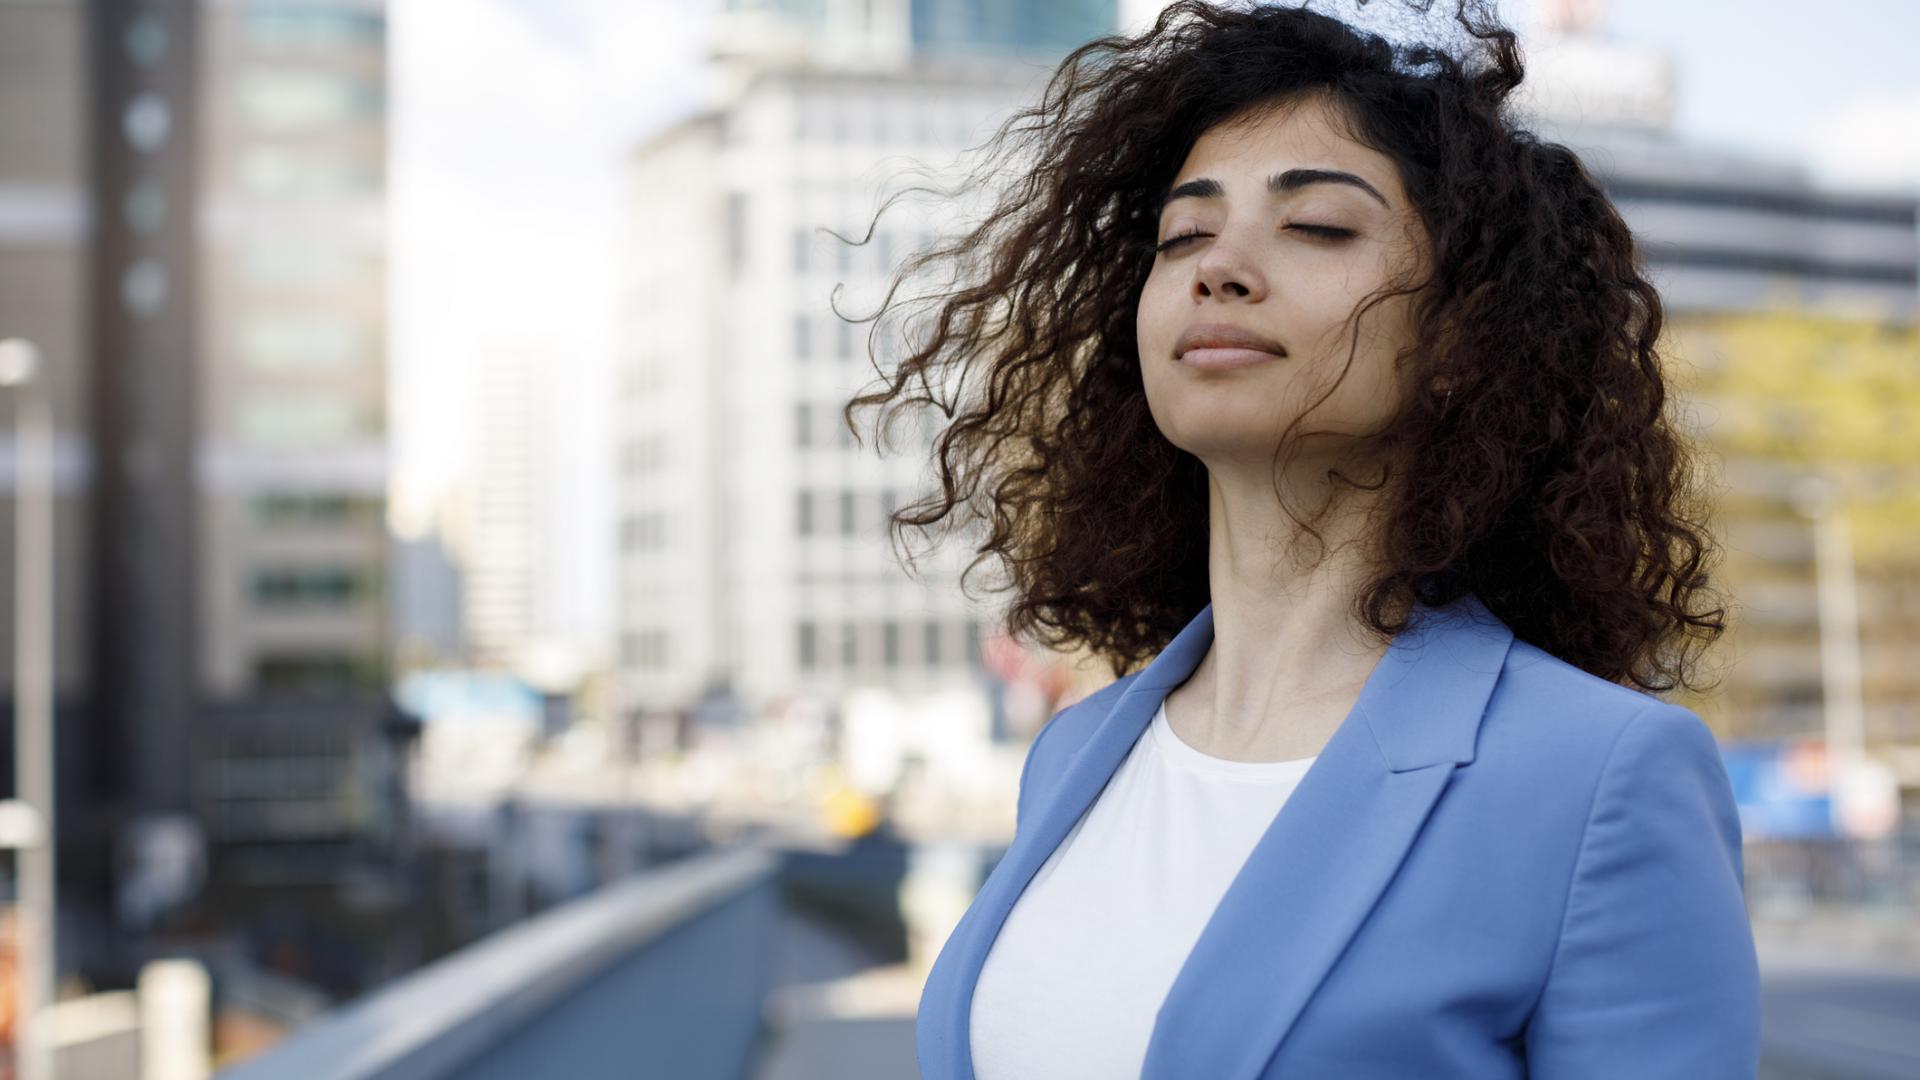 Business Frau entspannt